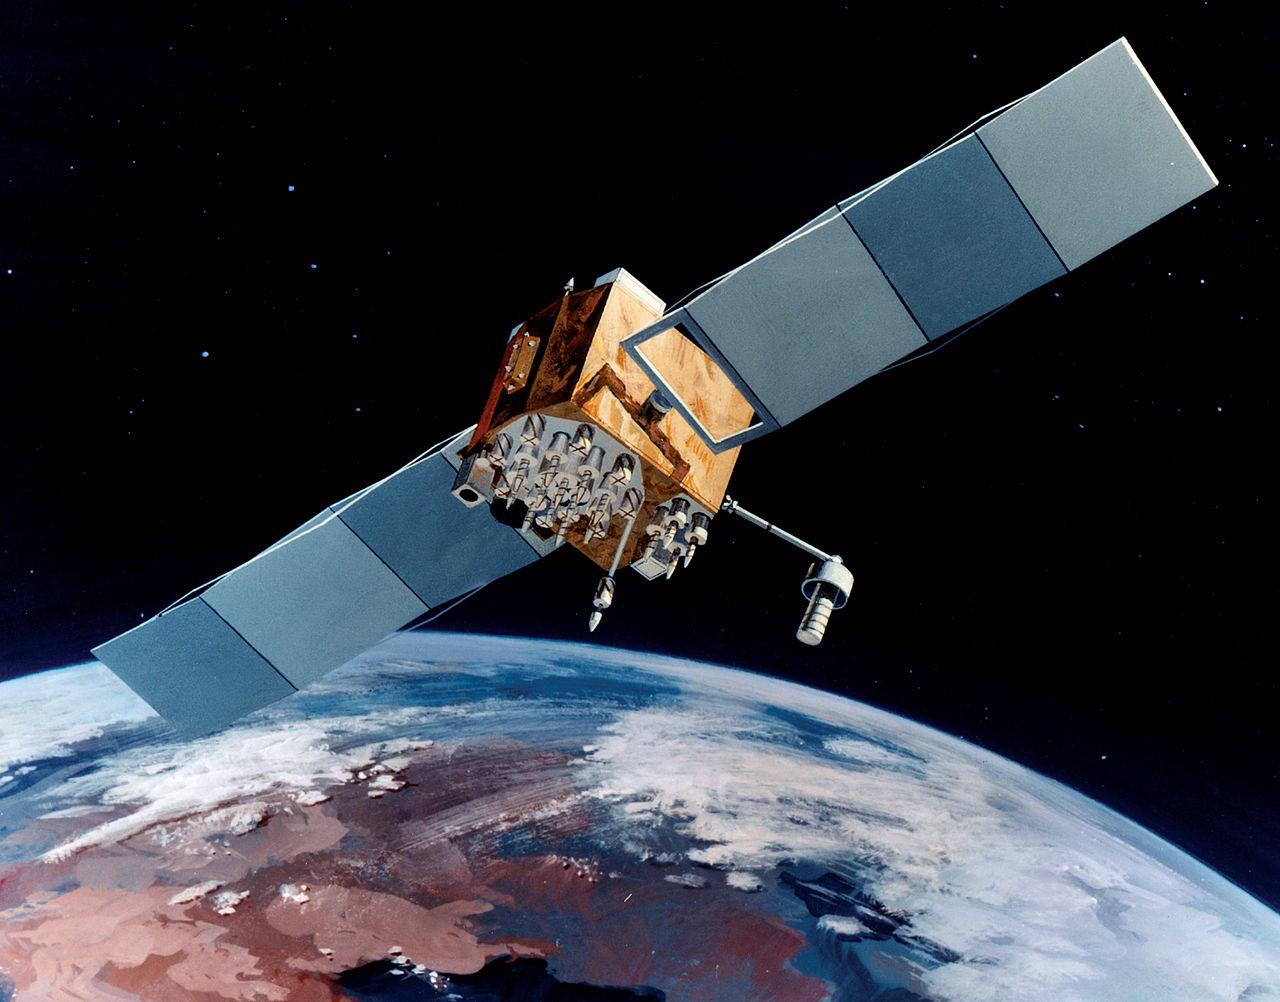 navstar satelite nasa efecto 2000